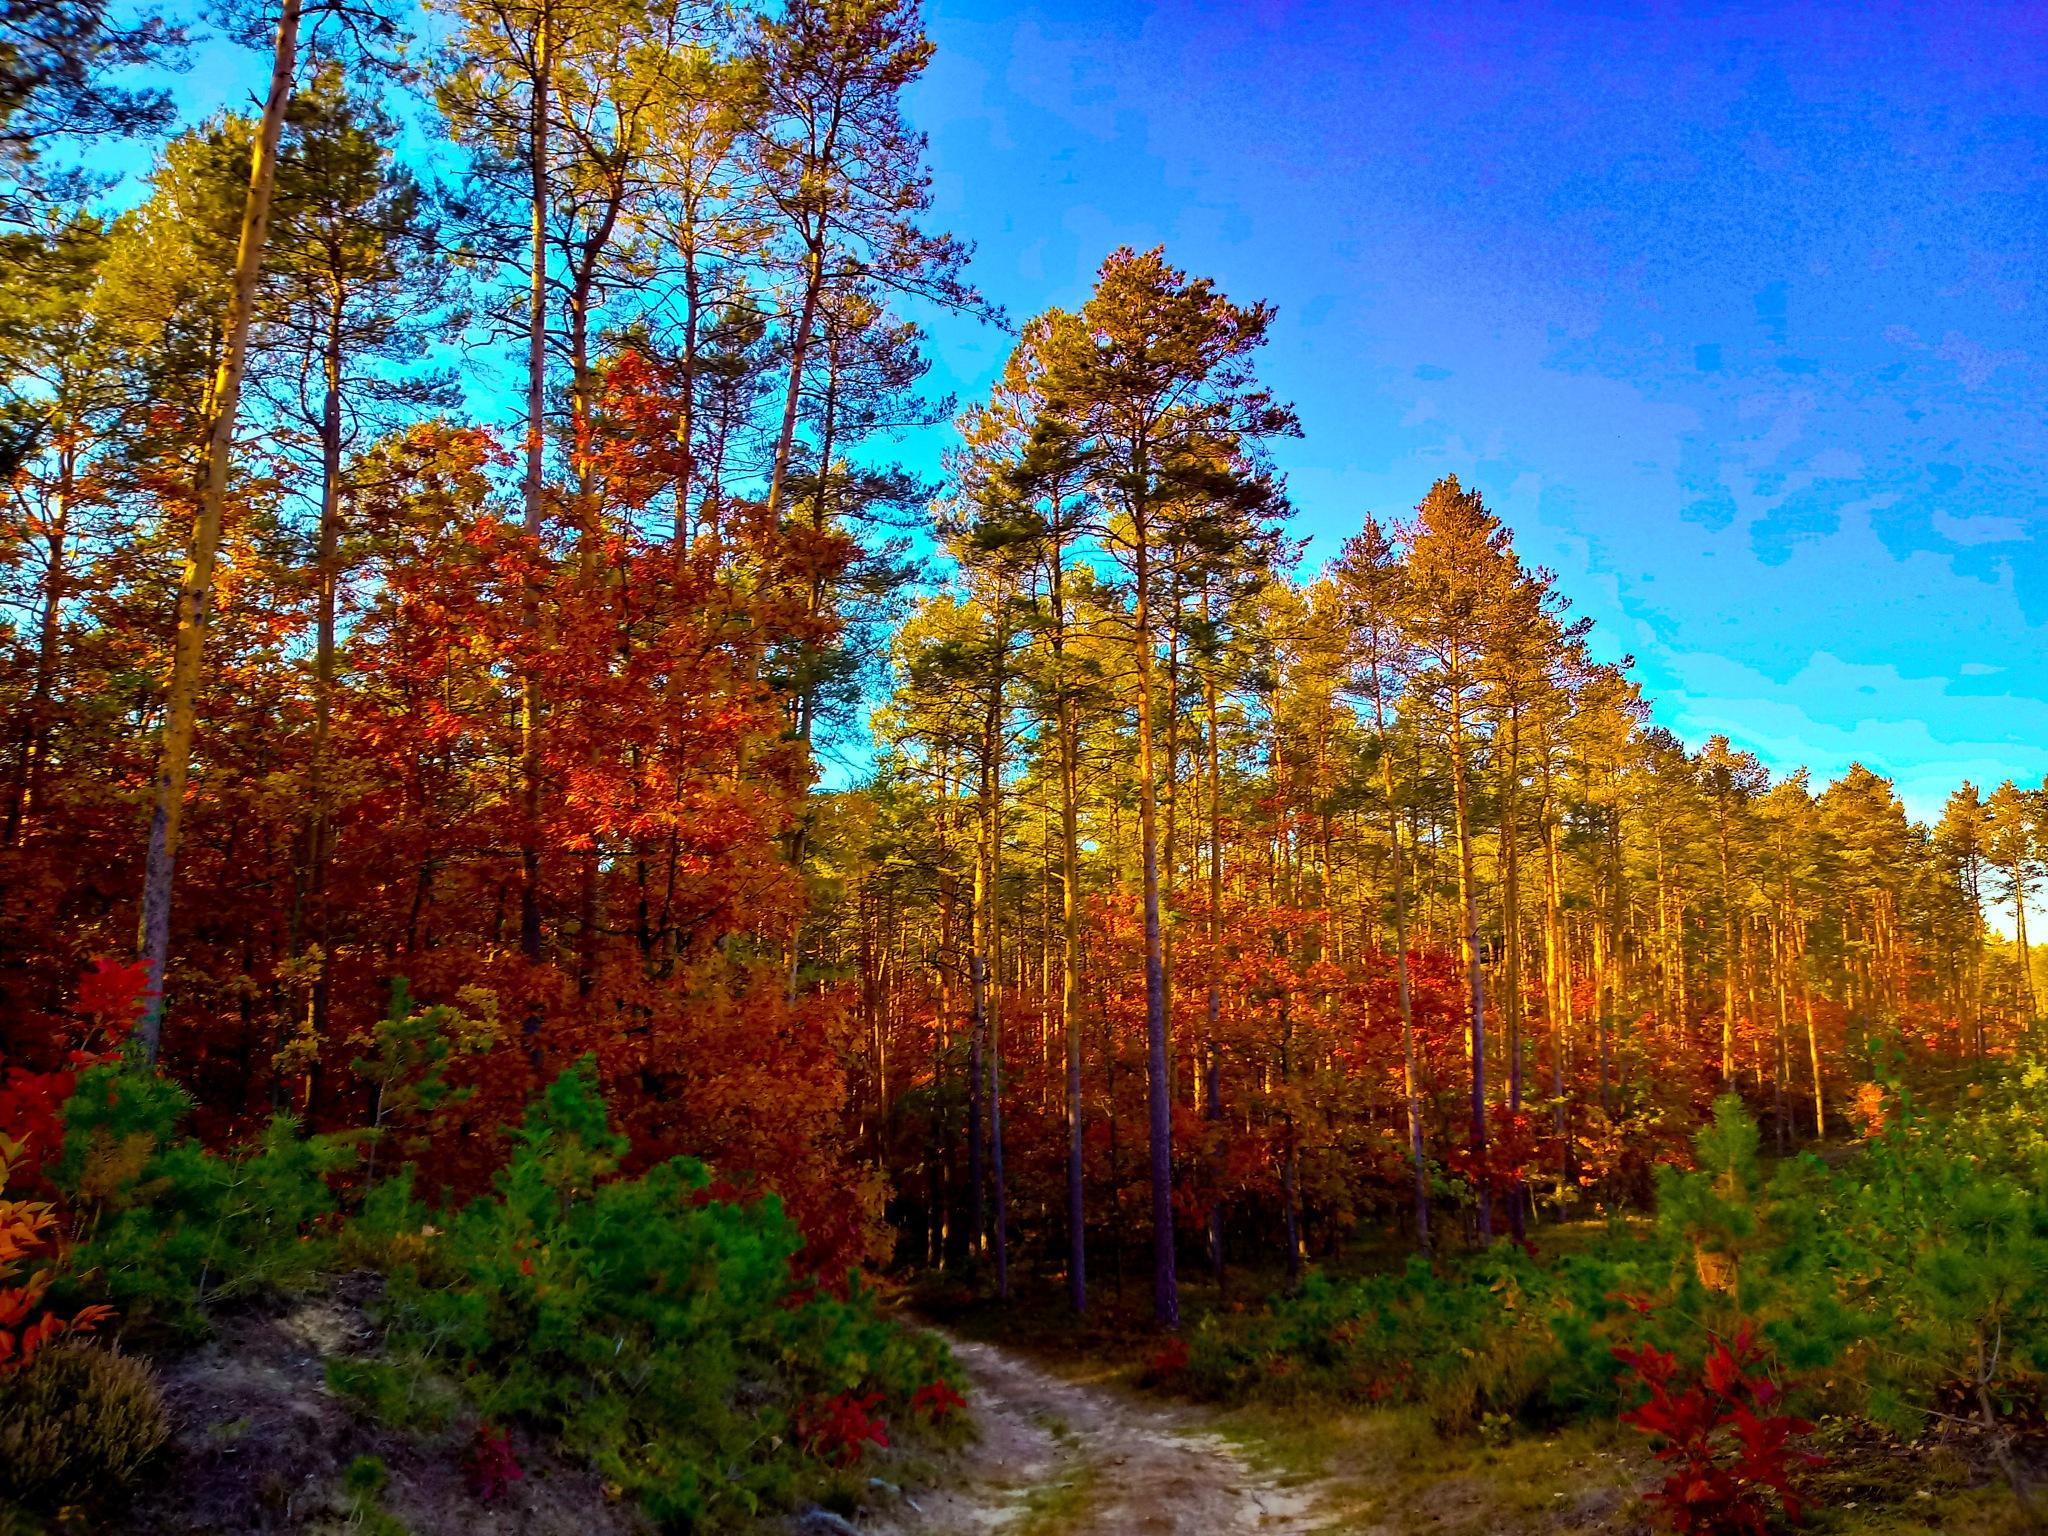 autumn by schack1989